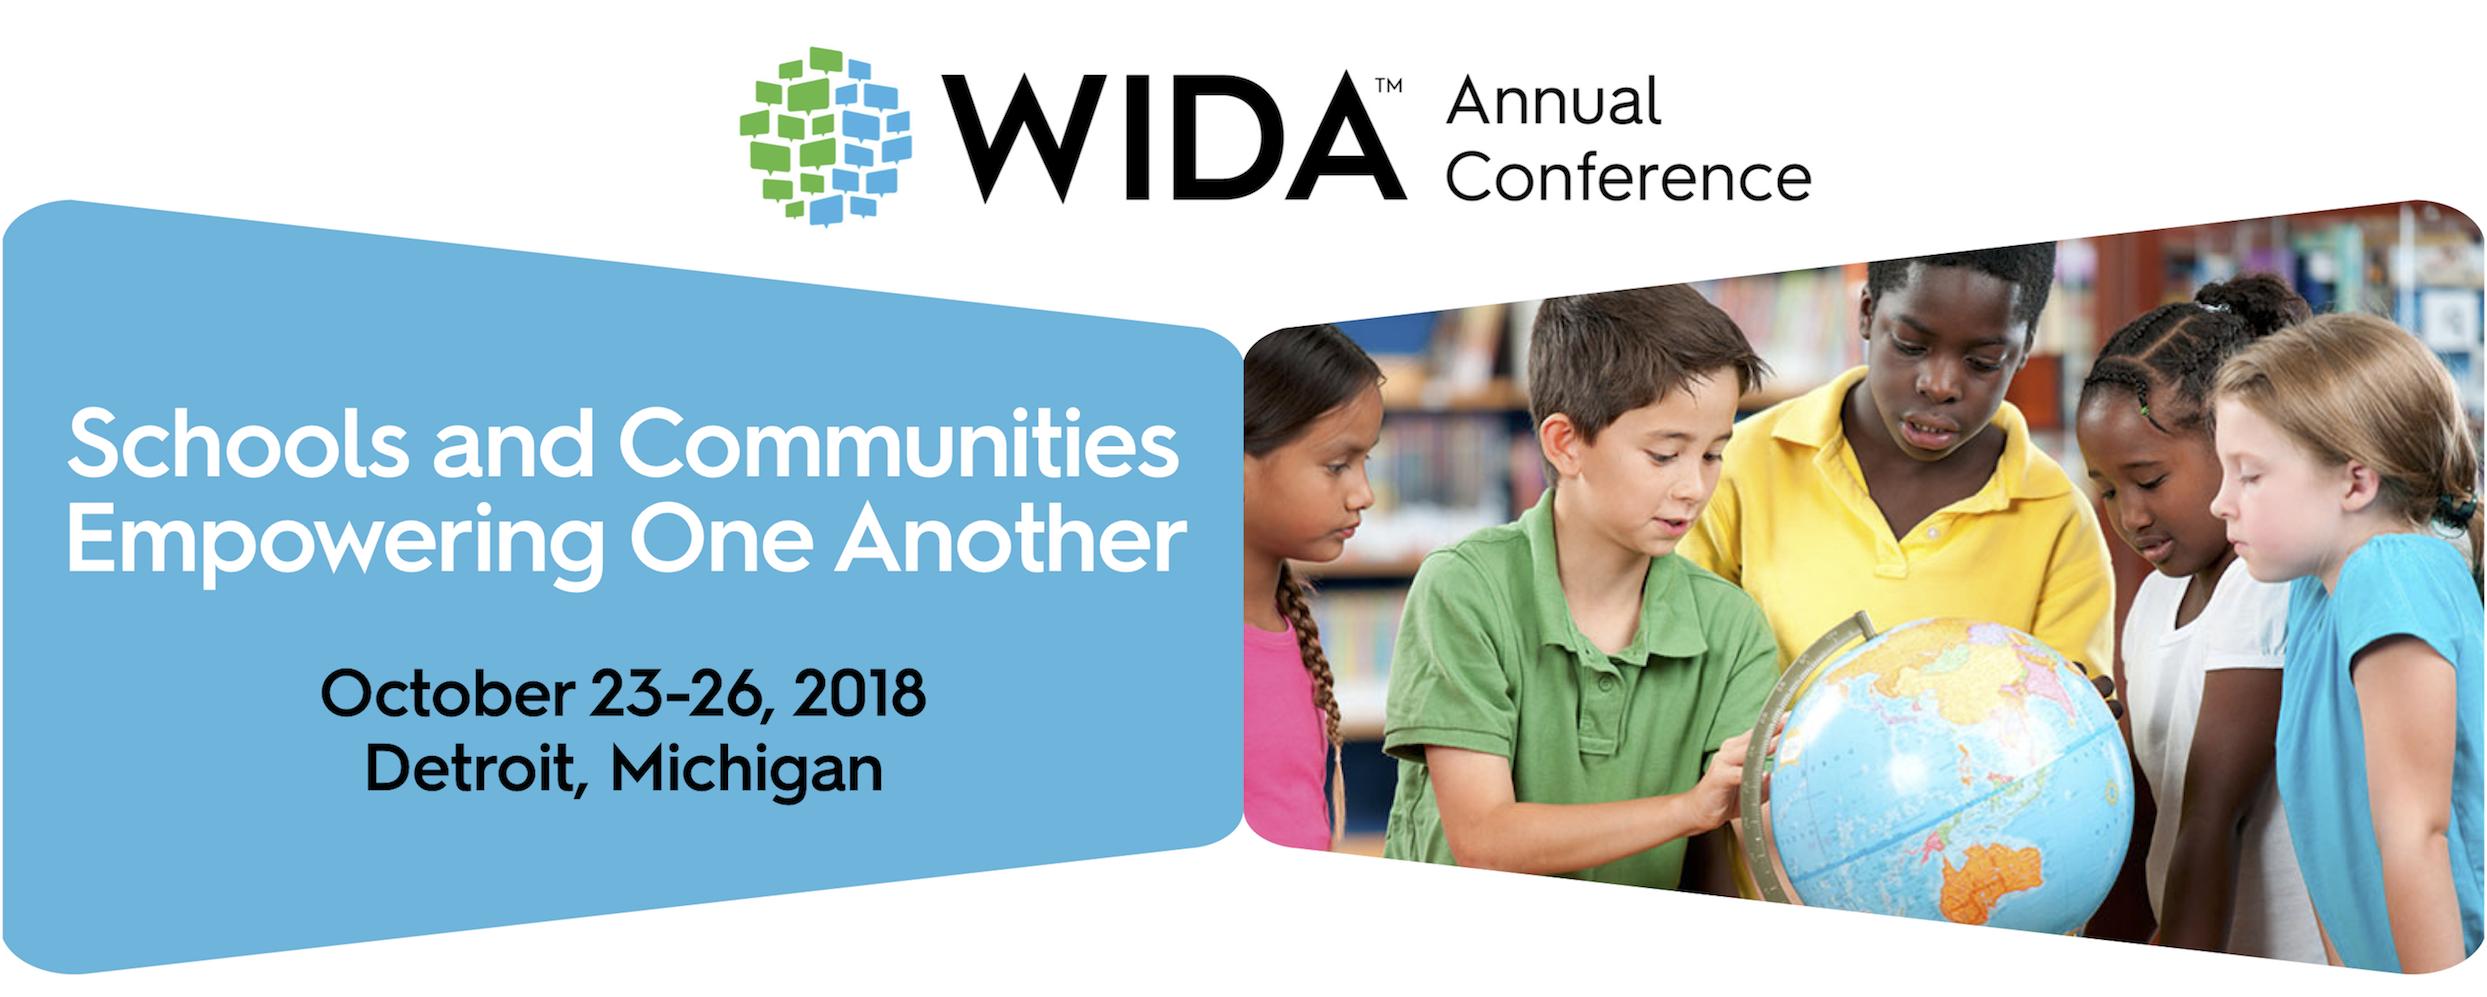 2018 WIDA Annual Conference